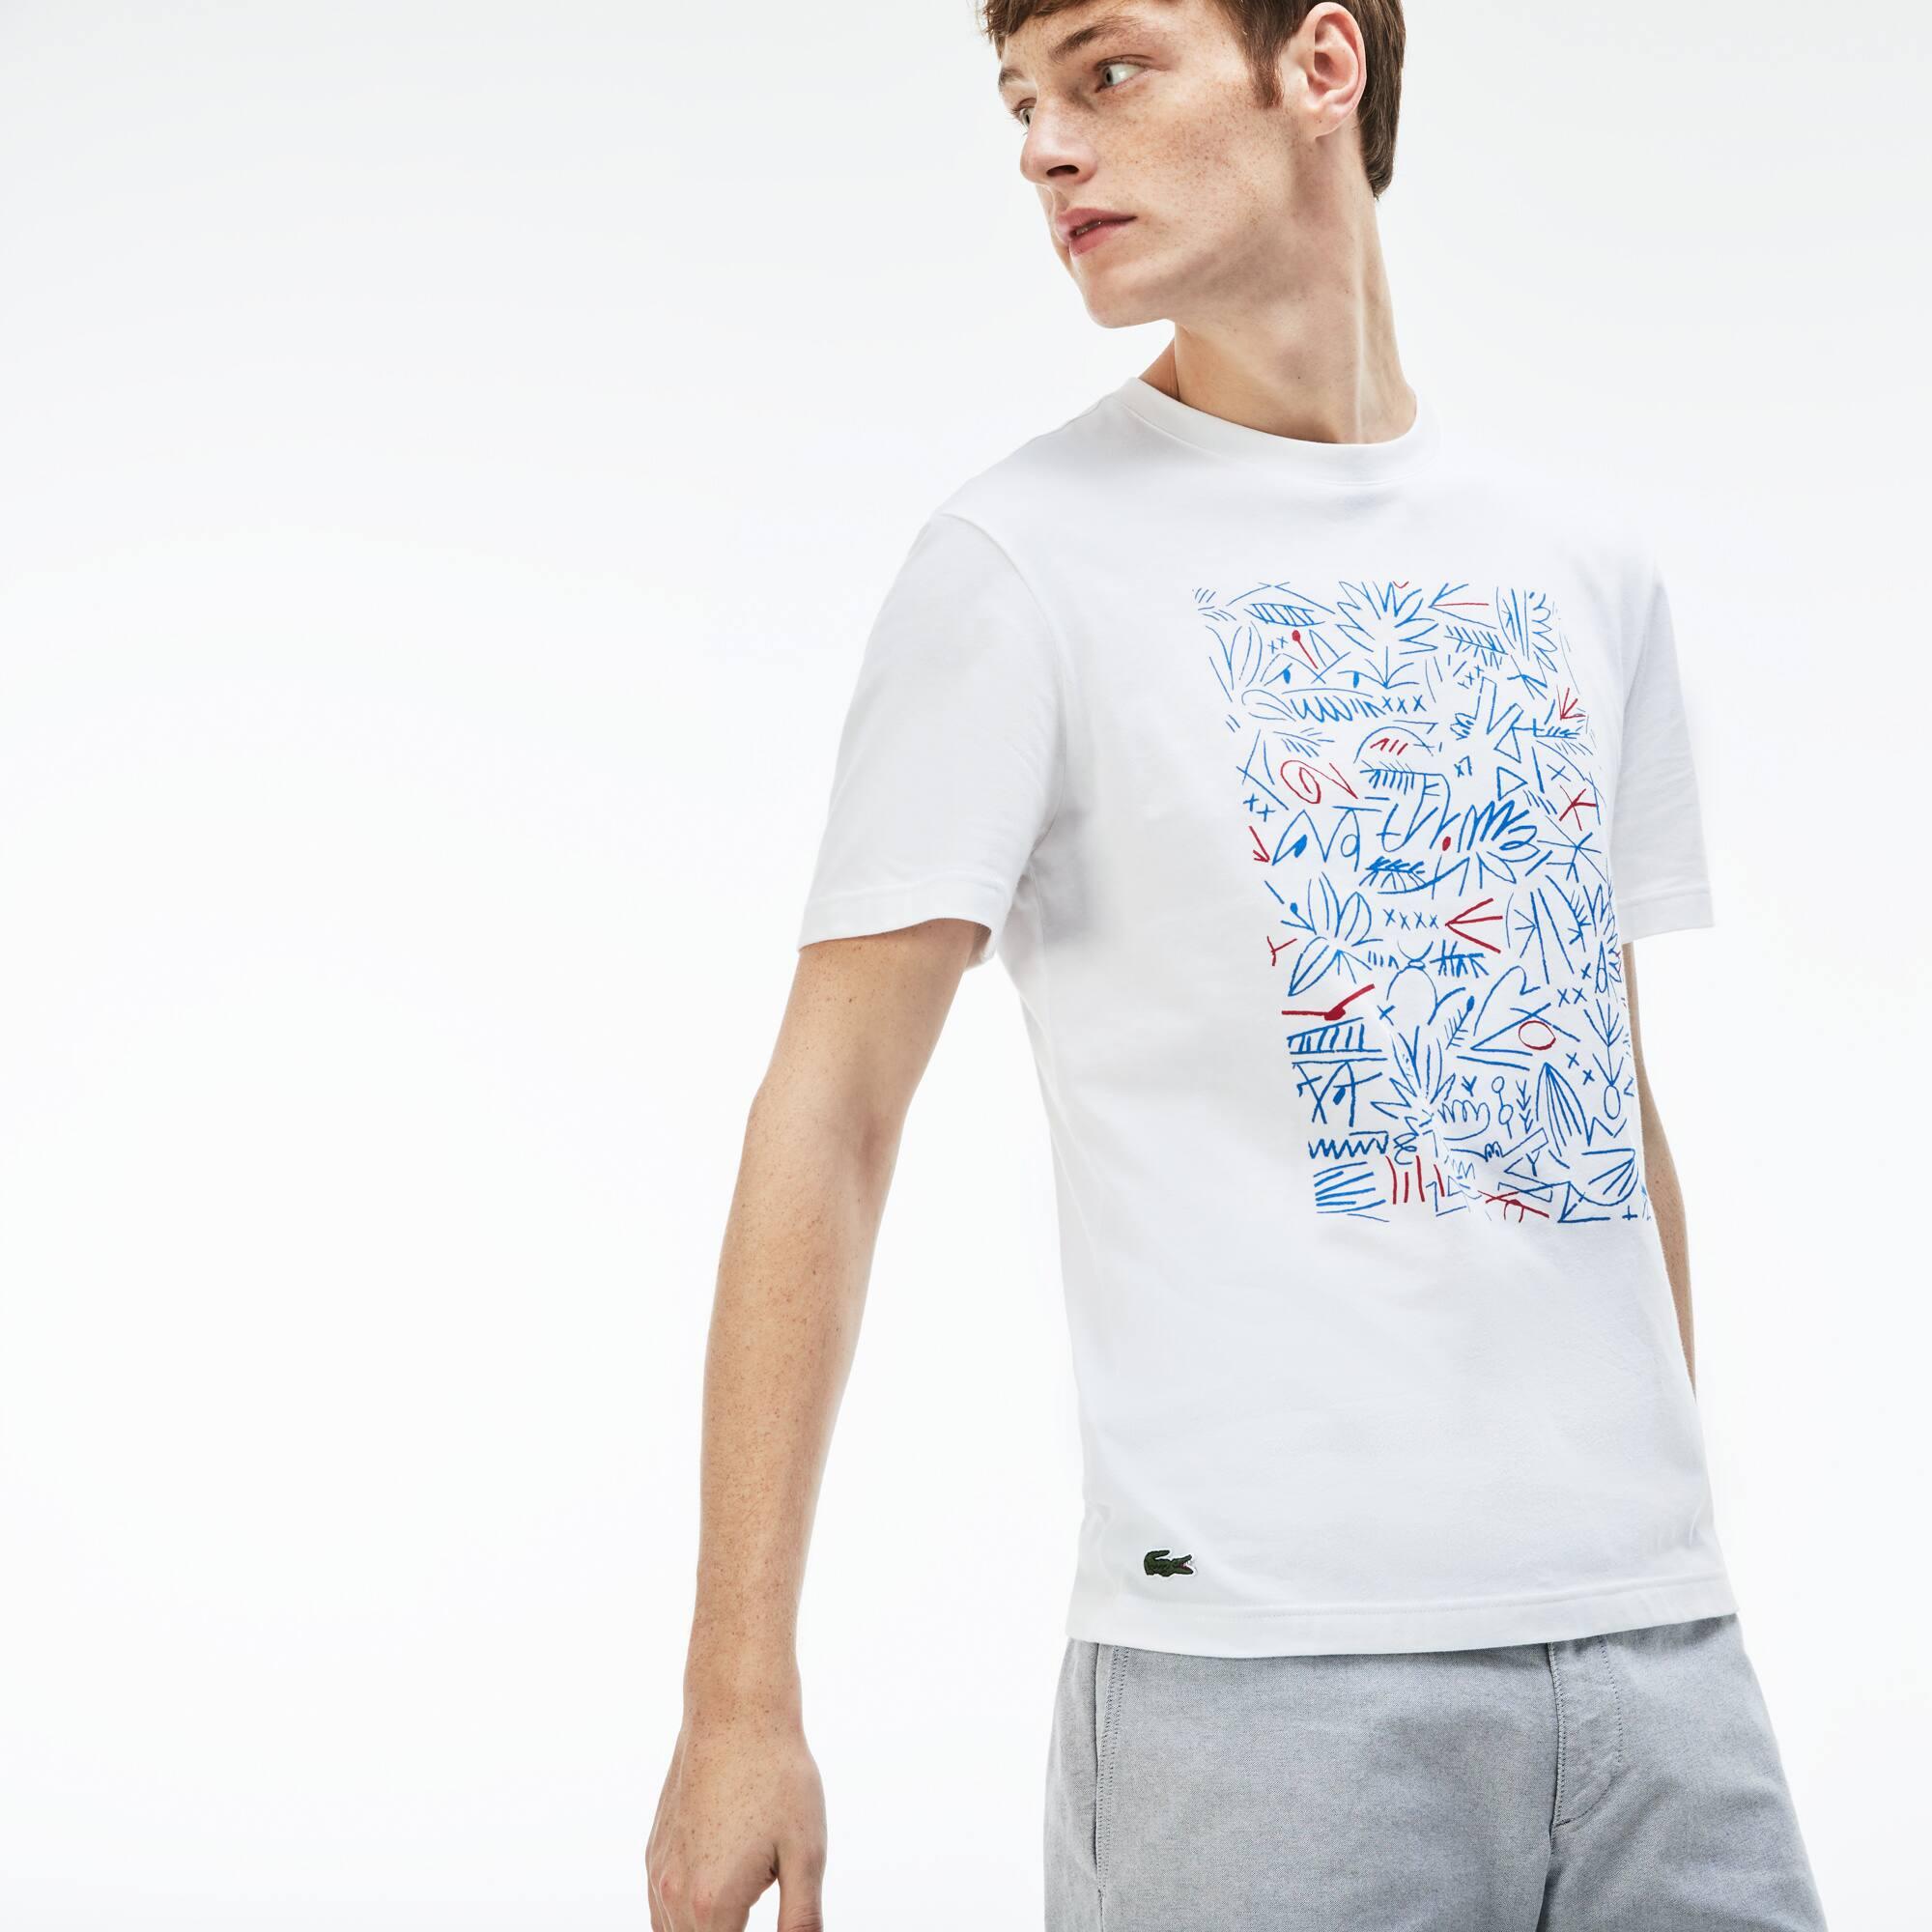 Herren Rundhals-T-Shirt aus Baumwolljersey mit Aufdruck